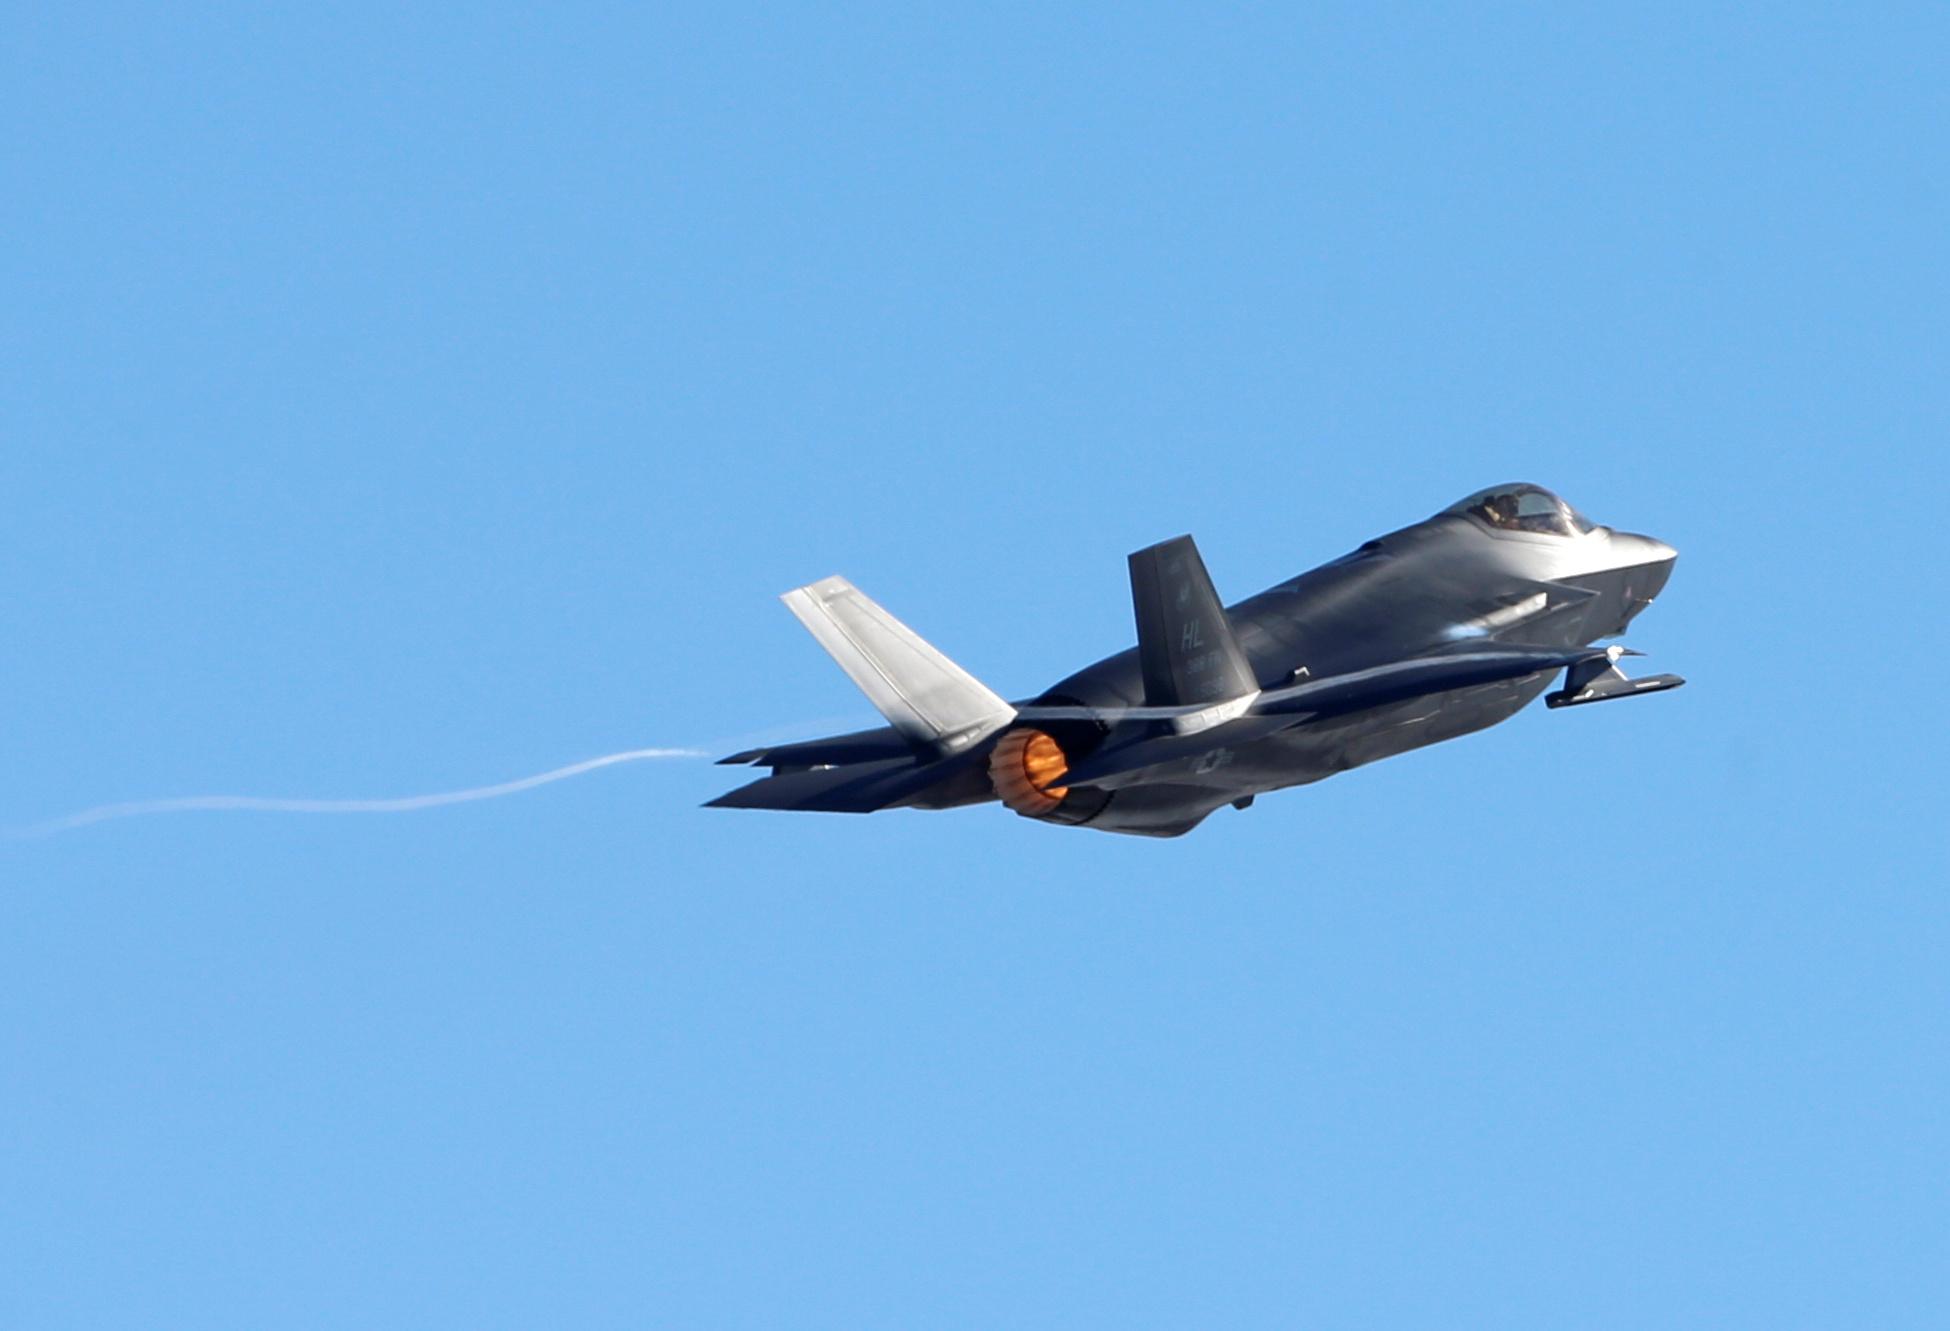 Un piloto de la Fuerza Aérea norteamericana despega en su avión F-35A para participar en un ejercicio de poder de combate, después de que se formó en un ejercicio de